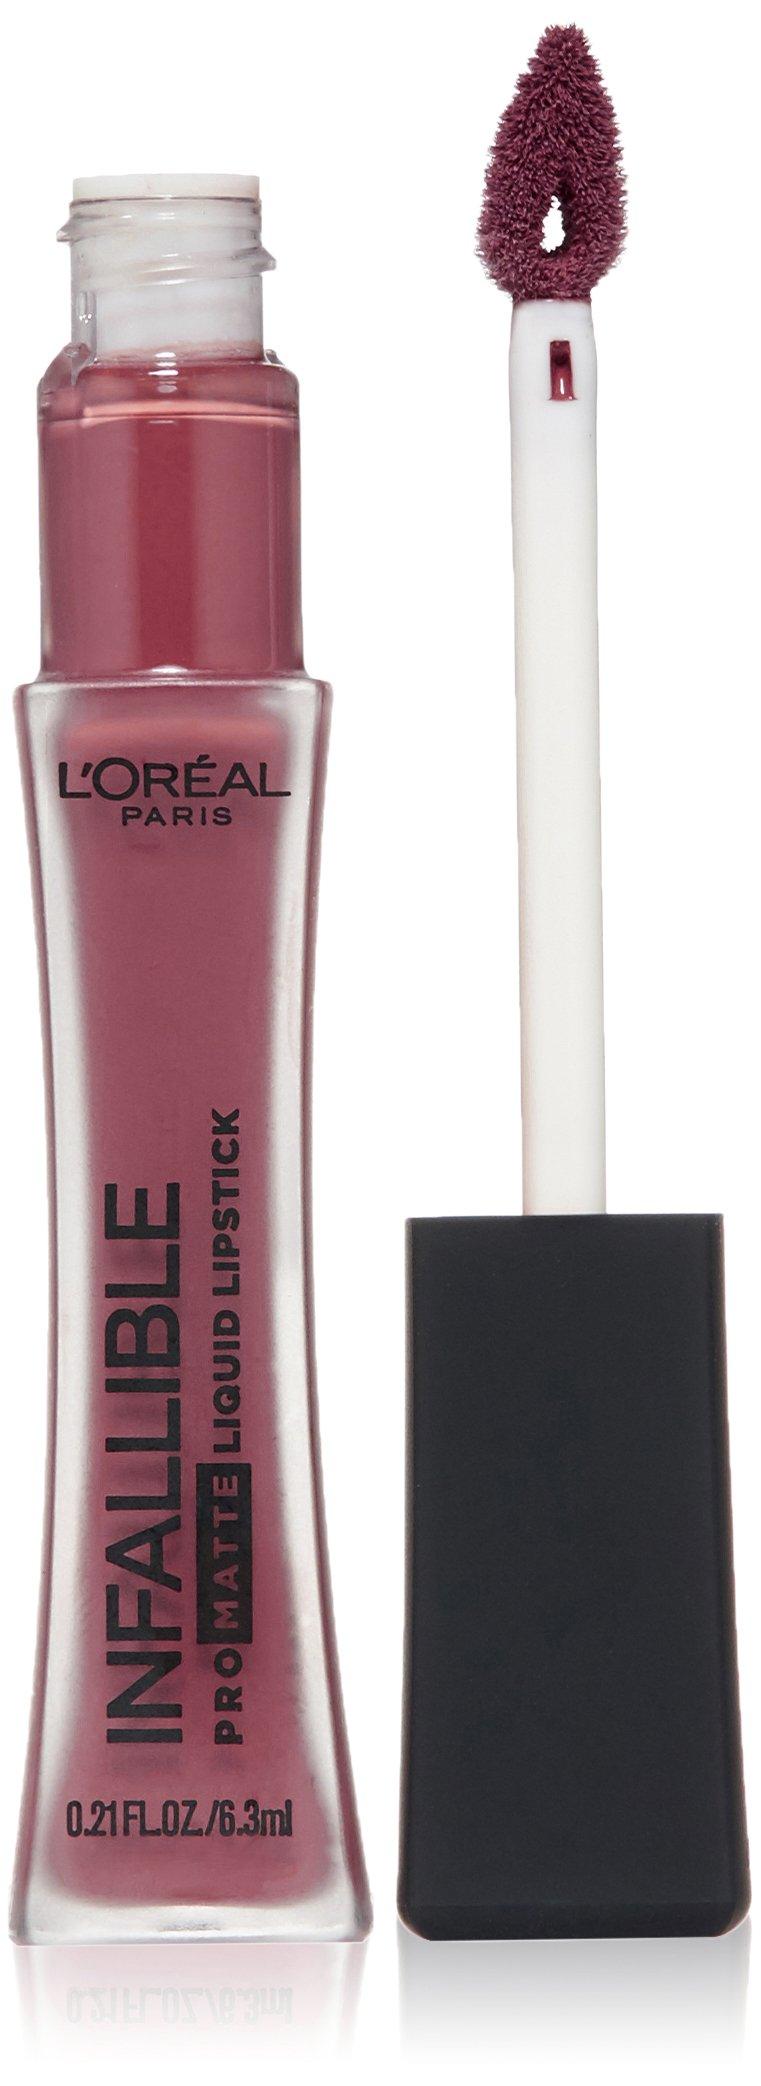 L'Oréal Paris Infallible Pro-Matte Liquid Lipstick, Plum Bum, 0.21 fl. oz.